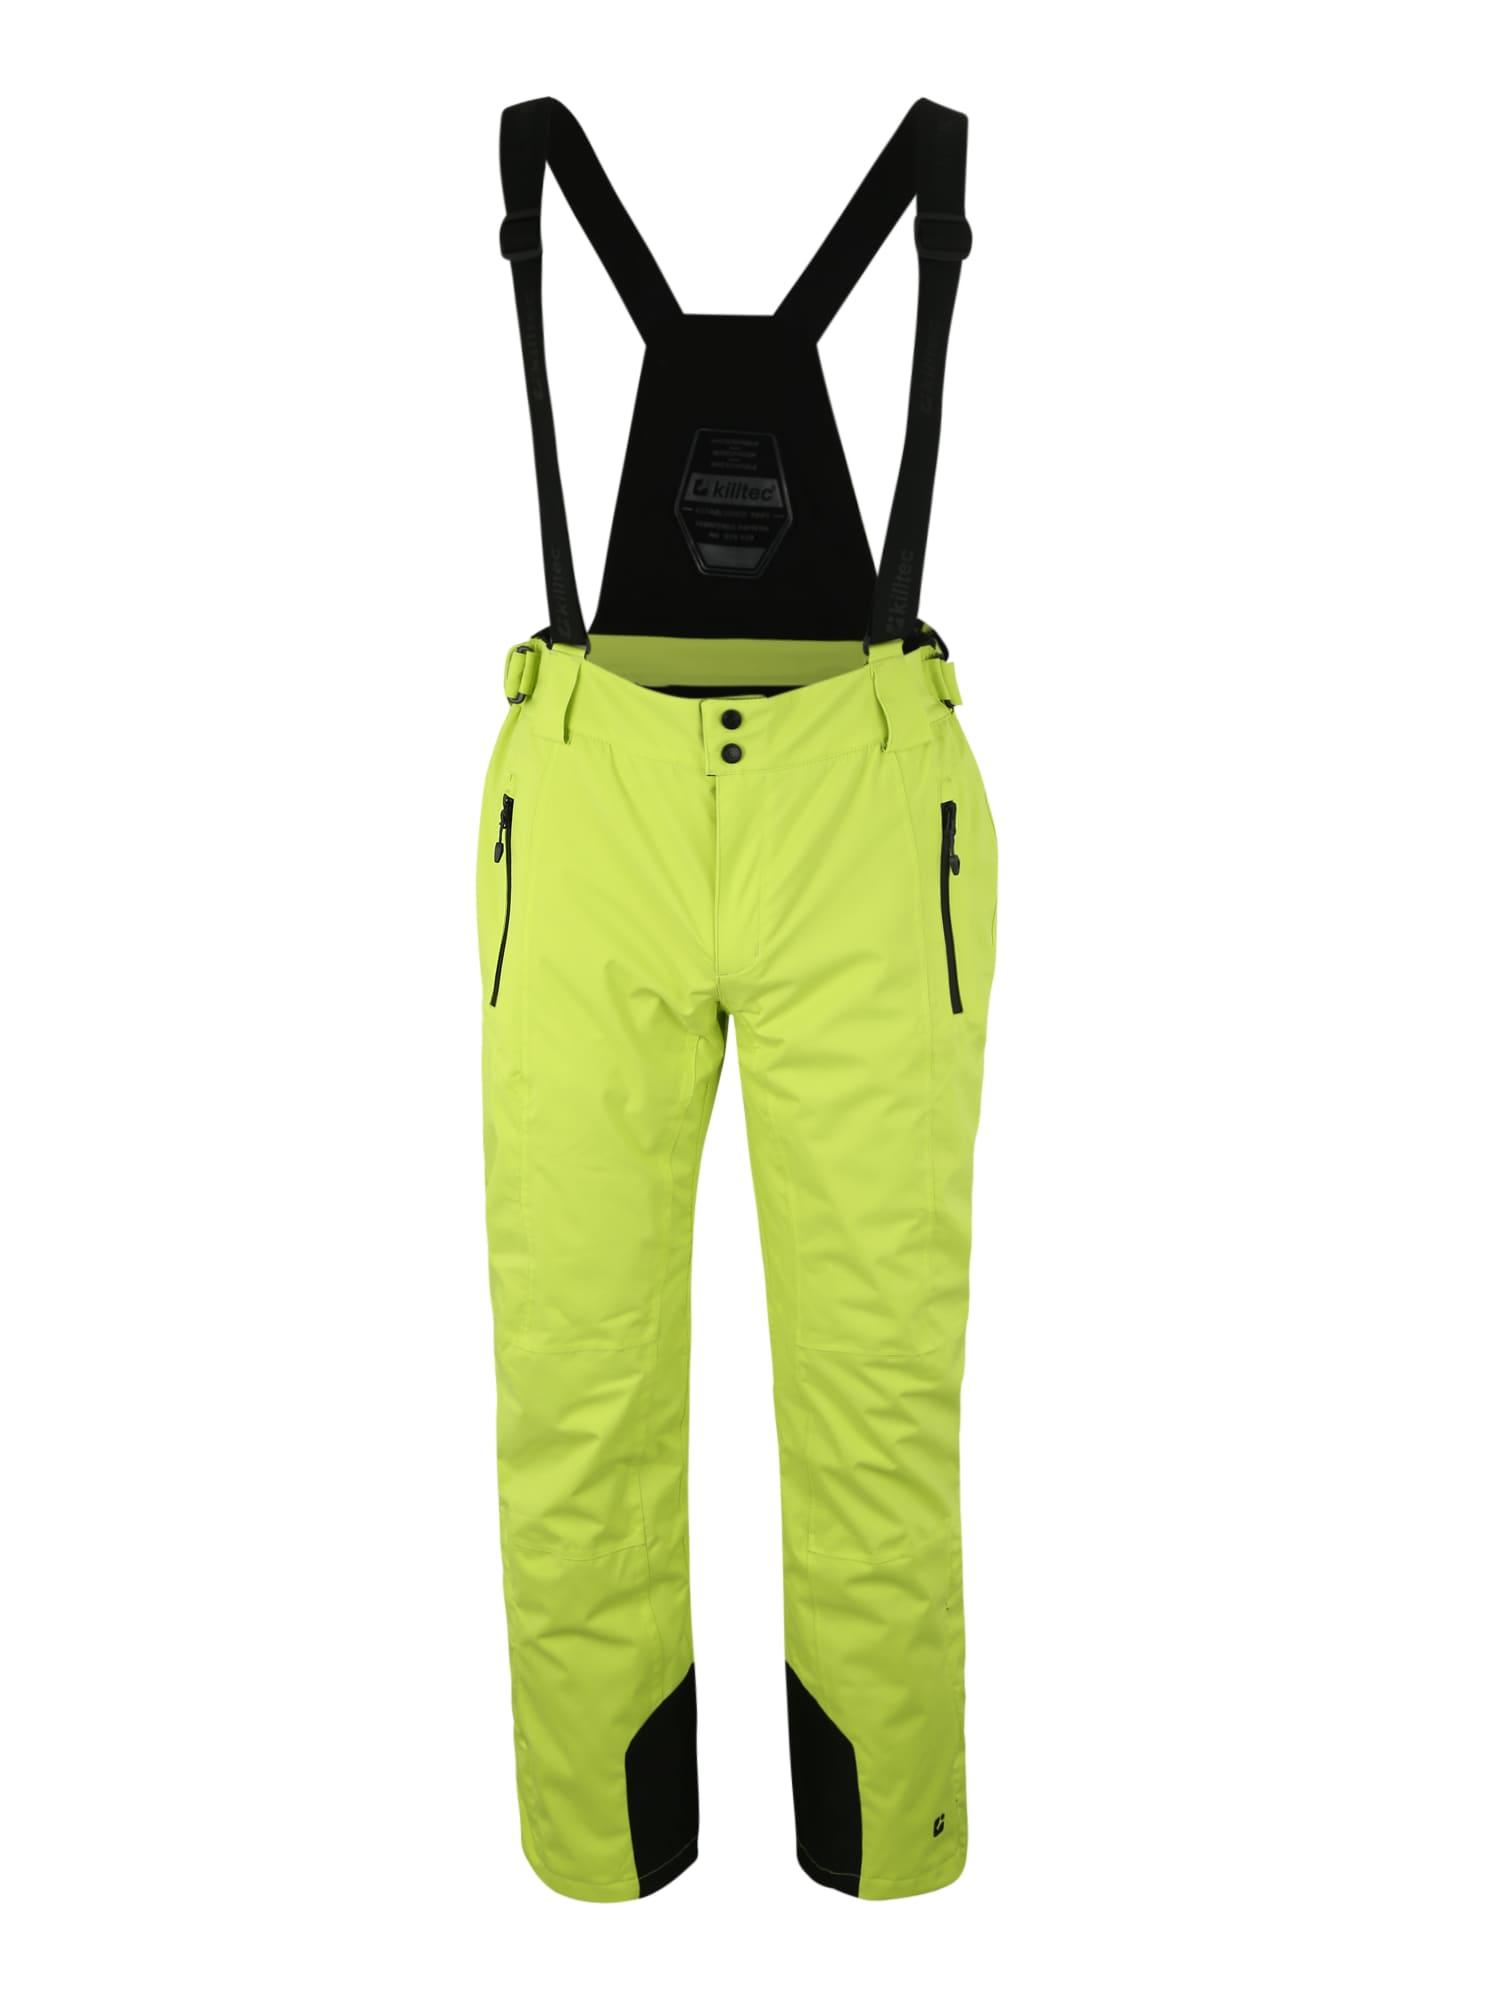 KILLTEC Laisvalaikio kelnės 'Enosh' žaliosios citrinos spalva / juoda